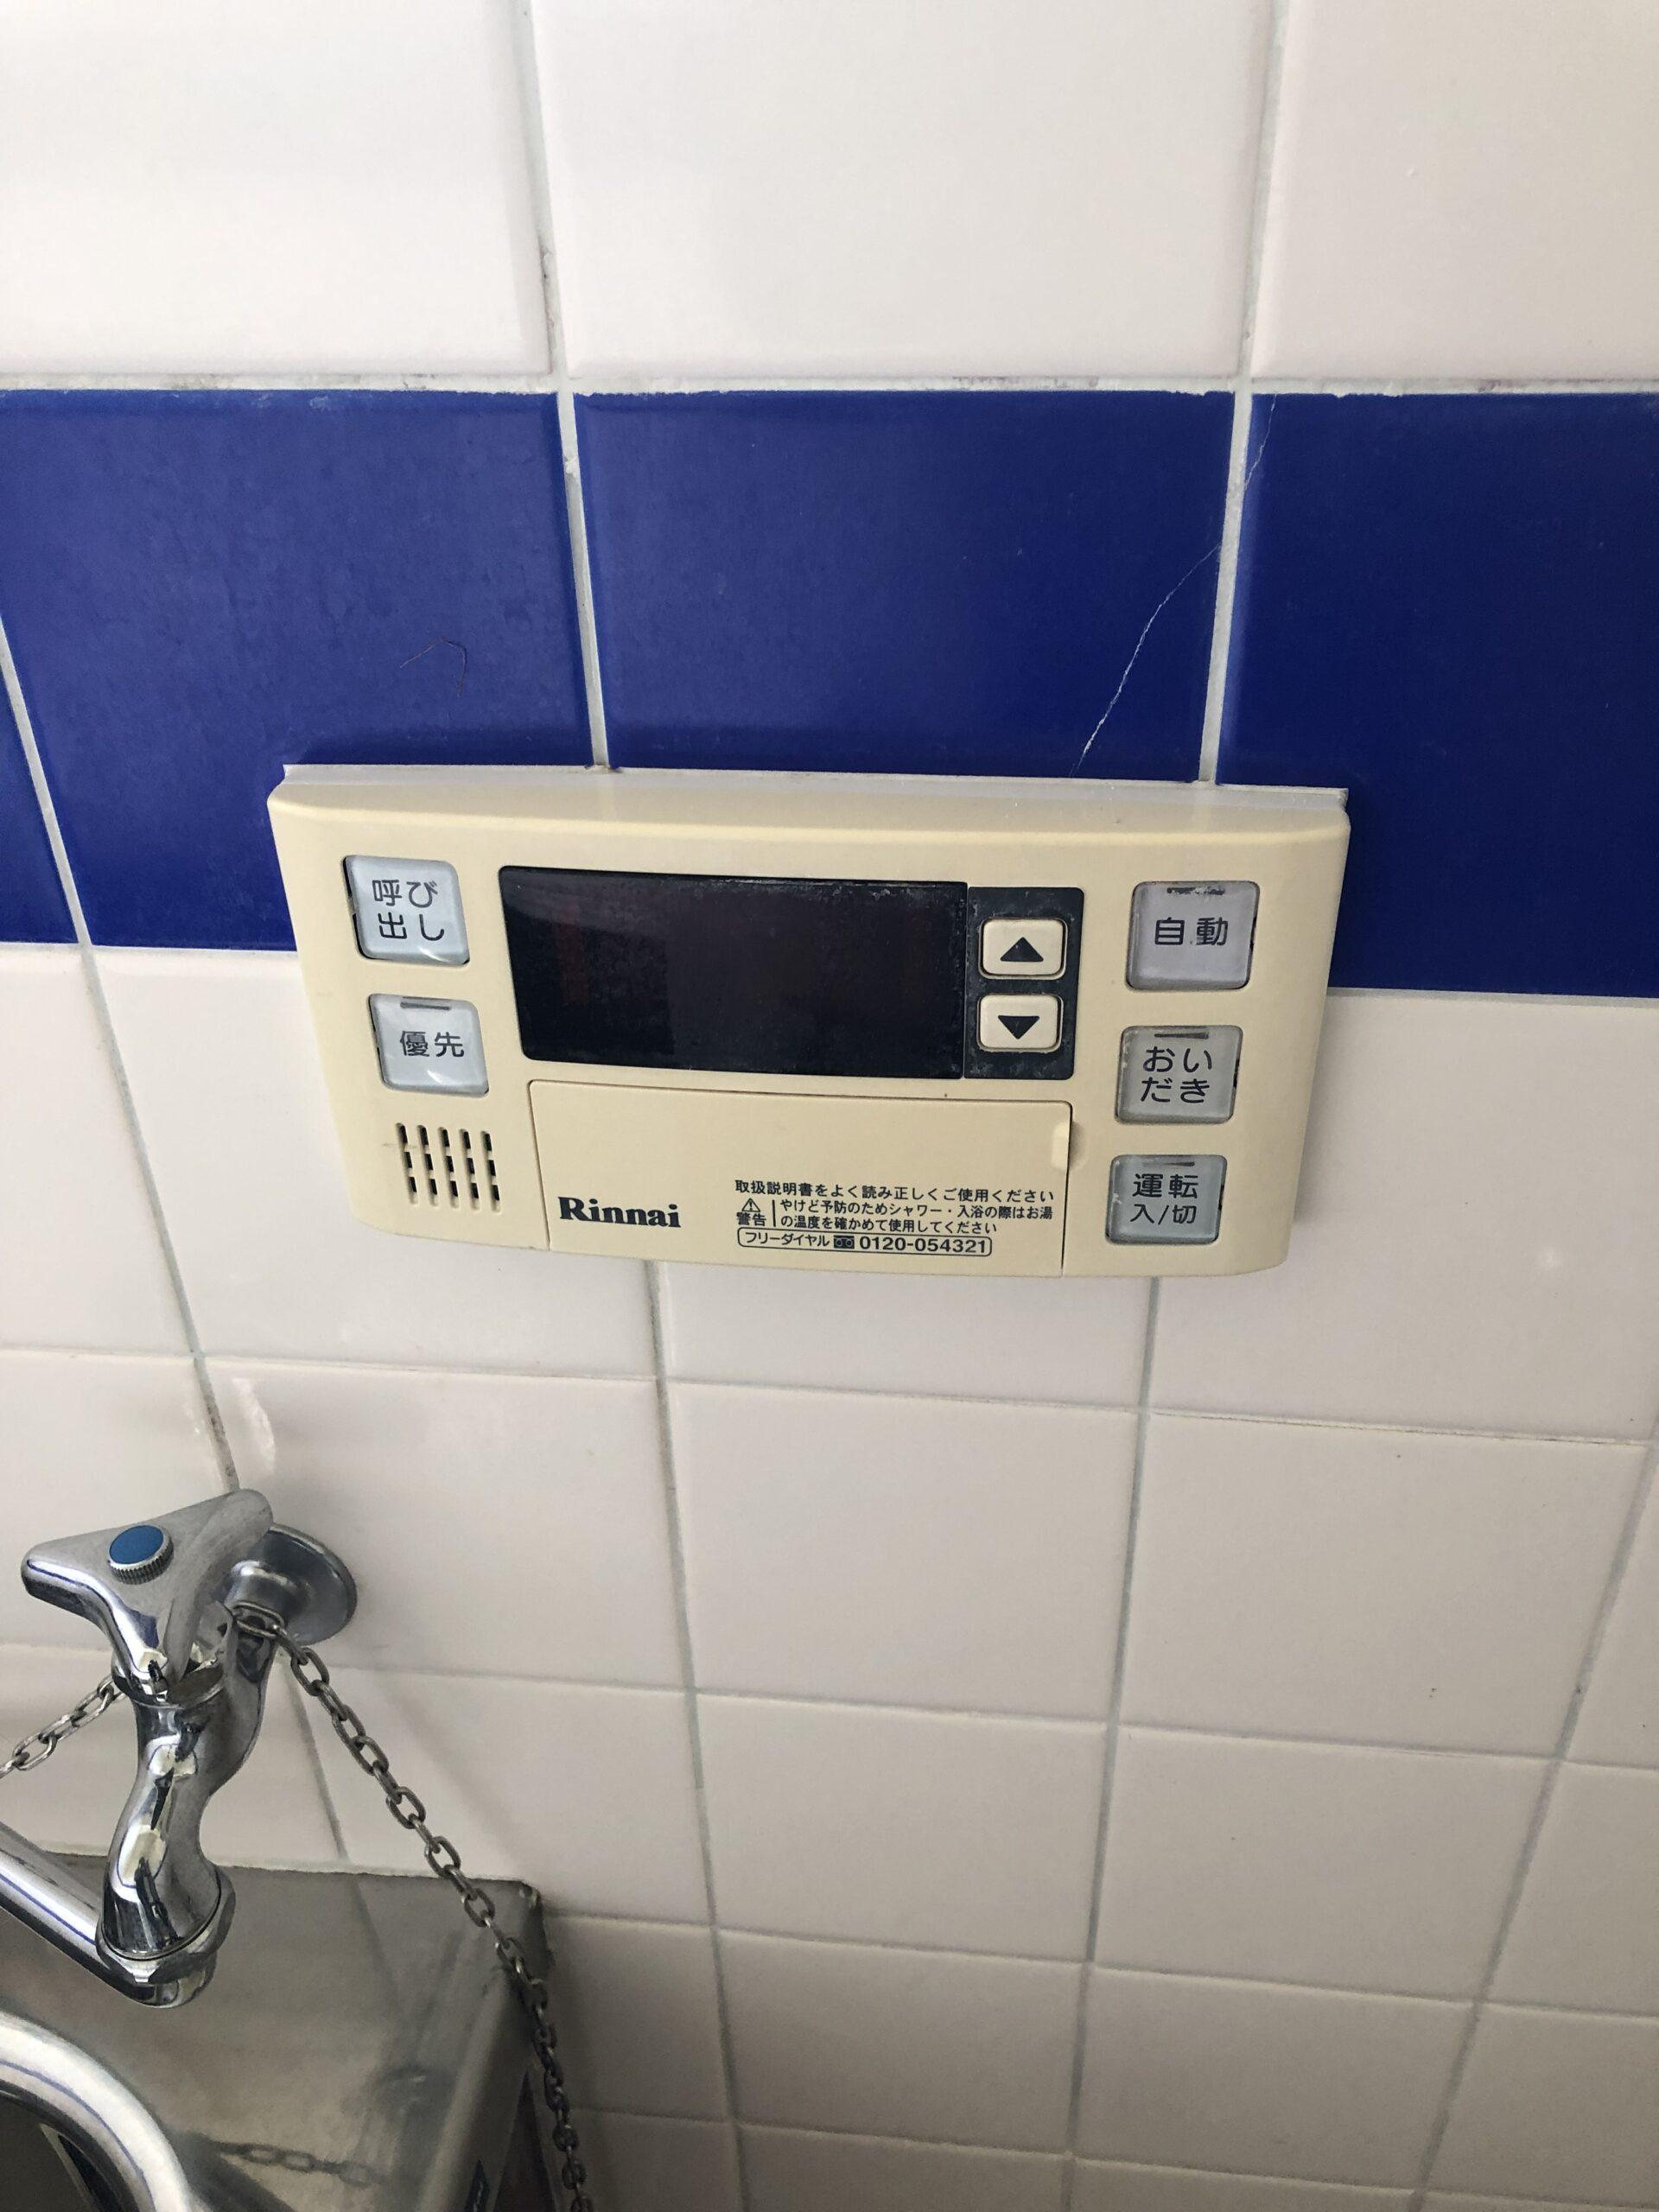 浴室リモコン交換前の写真